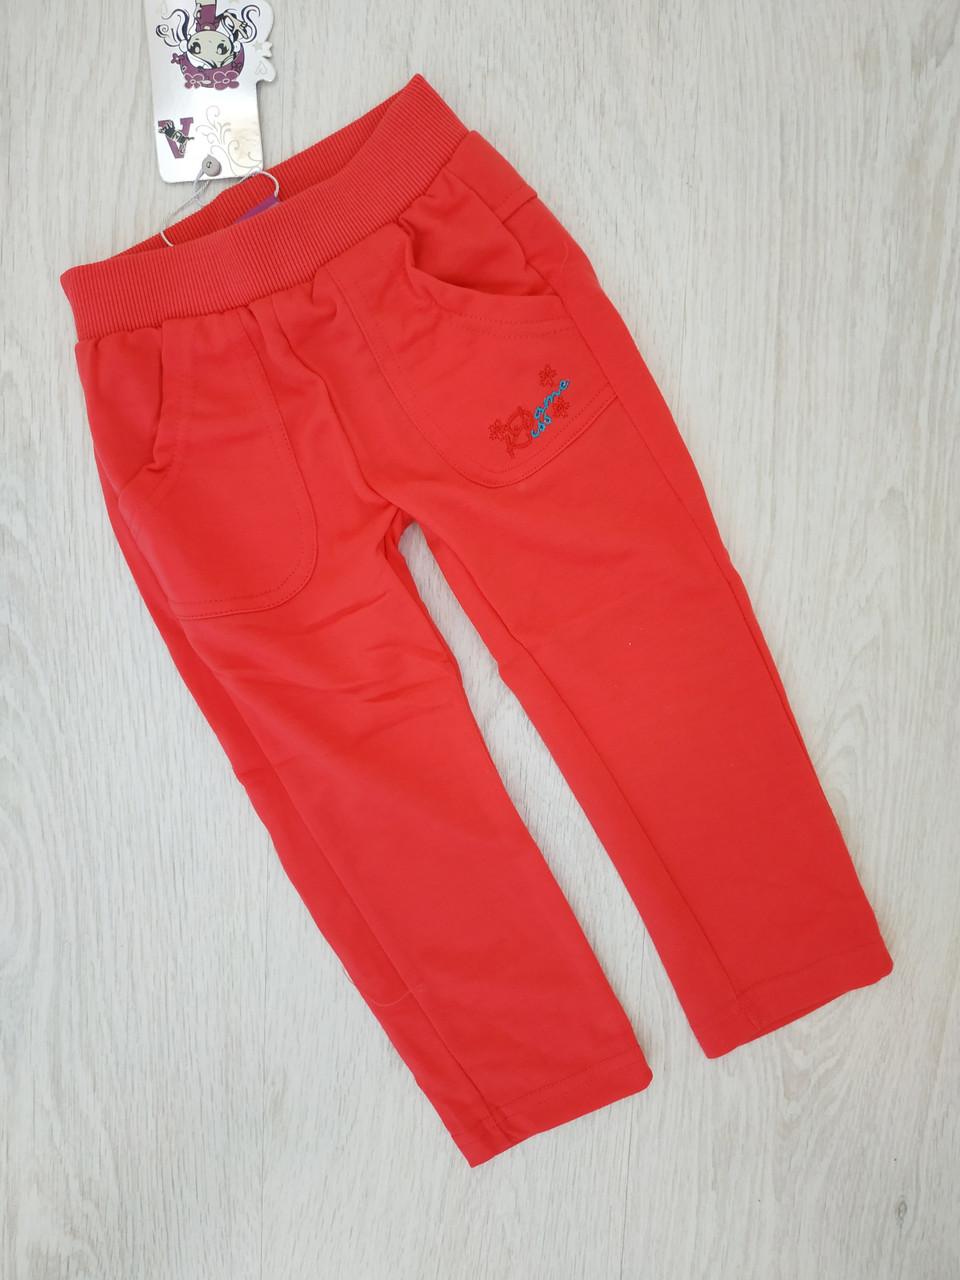 Спортивные брюки для девочек, Active Sports, арт. 2410, 74 см